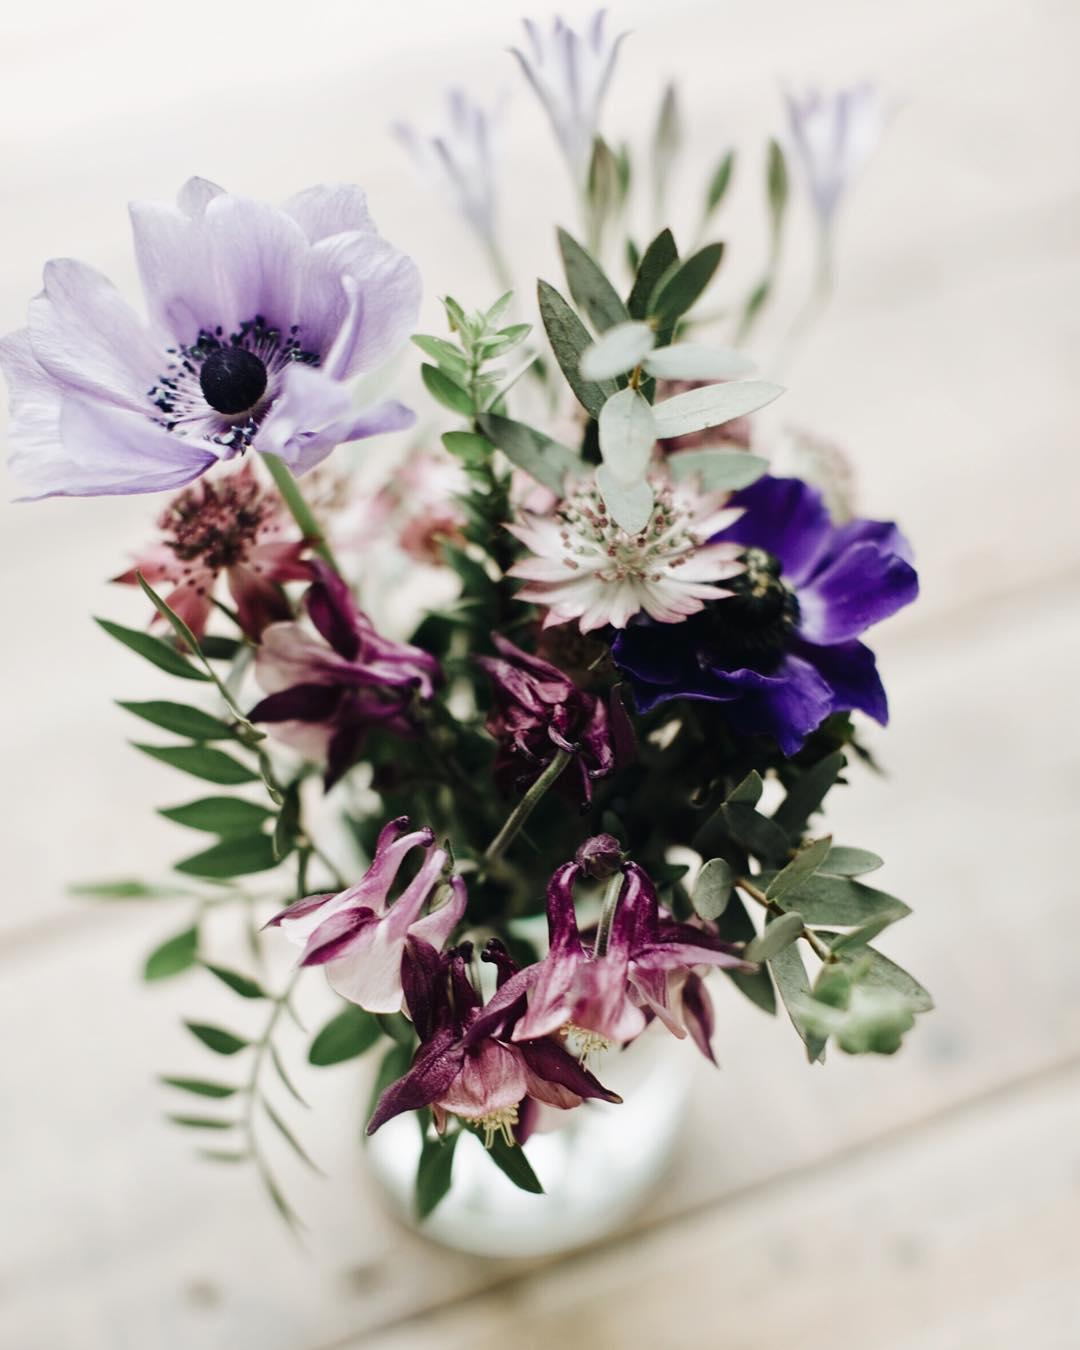 Jolies fleurs achetes hier au march flowers celinemarks